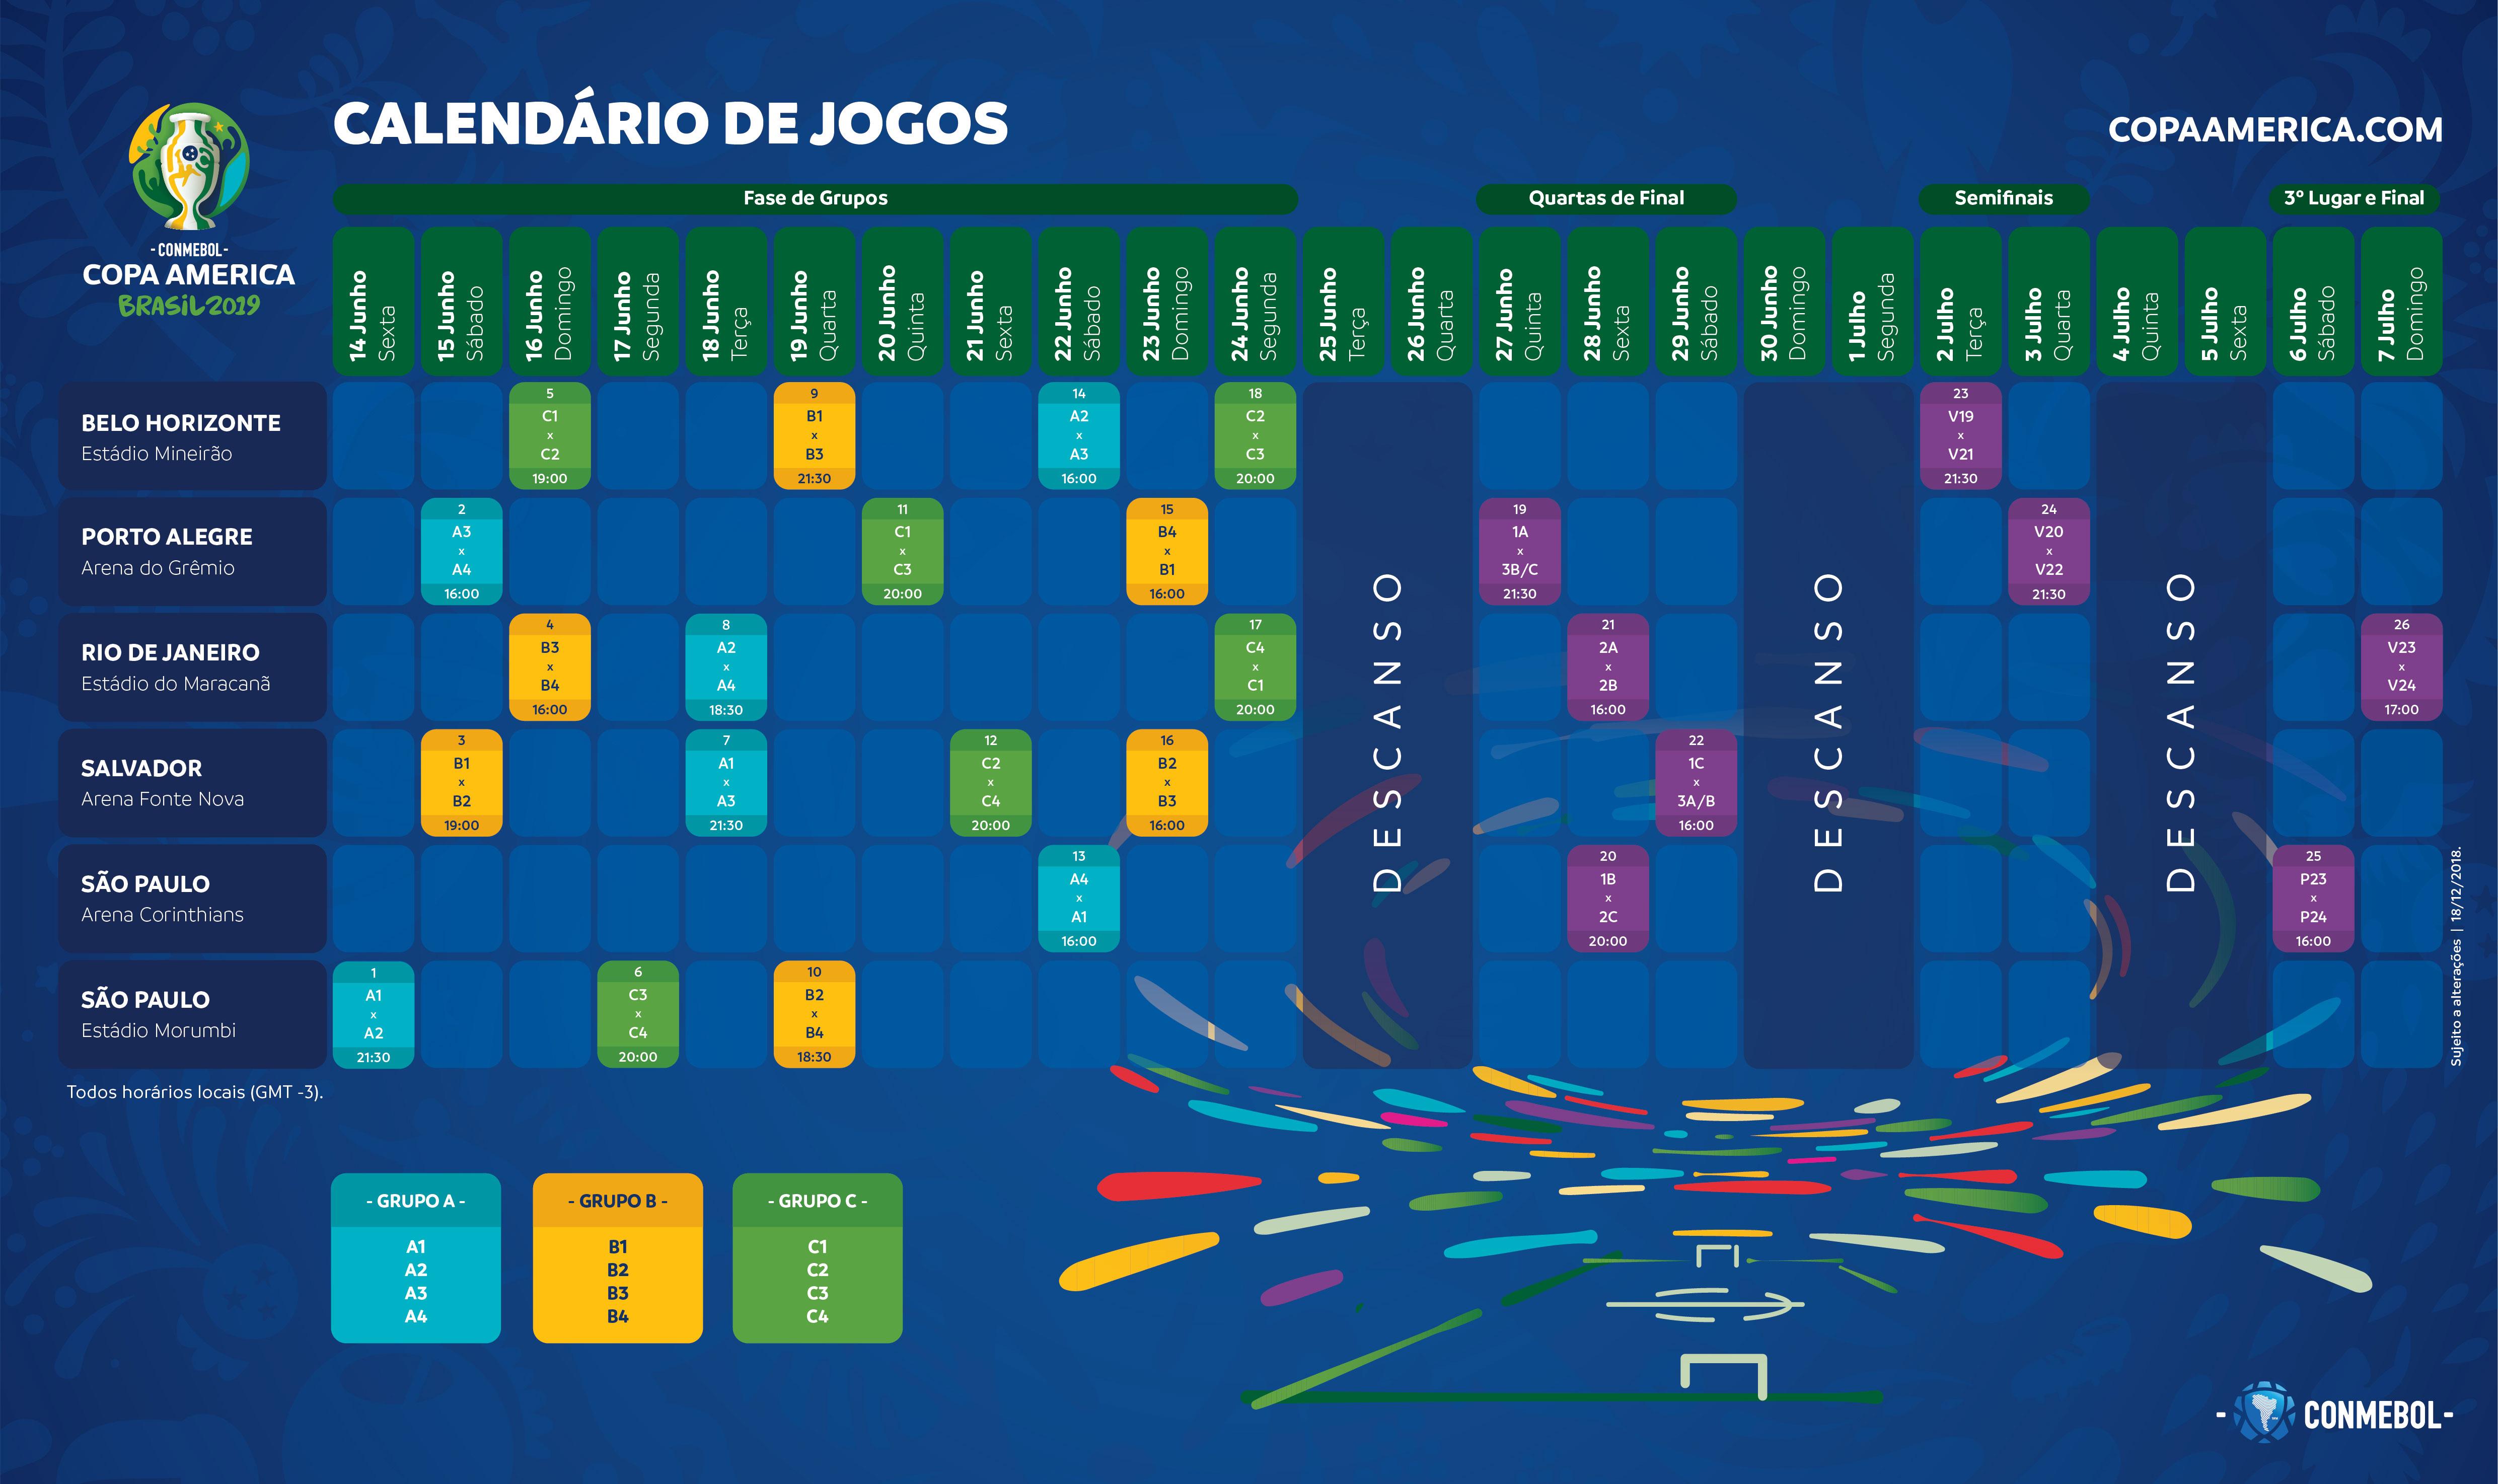 Calendário oficial Copa América 2019